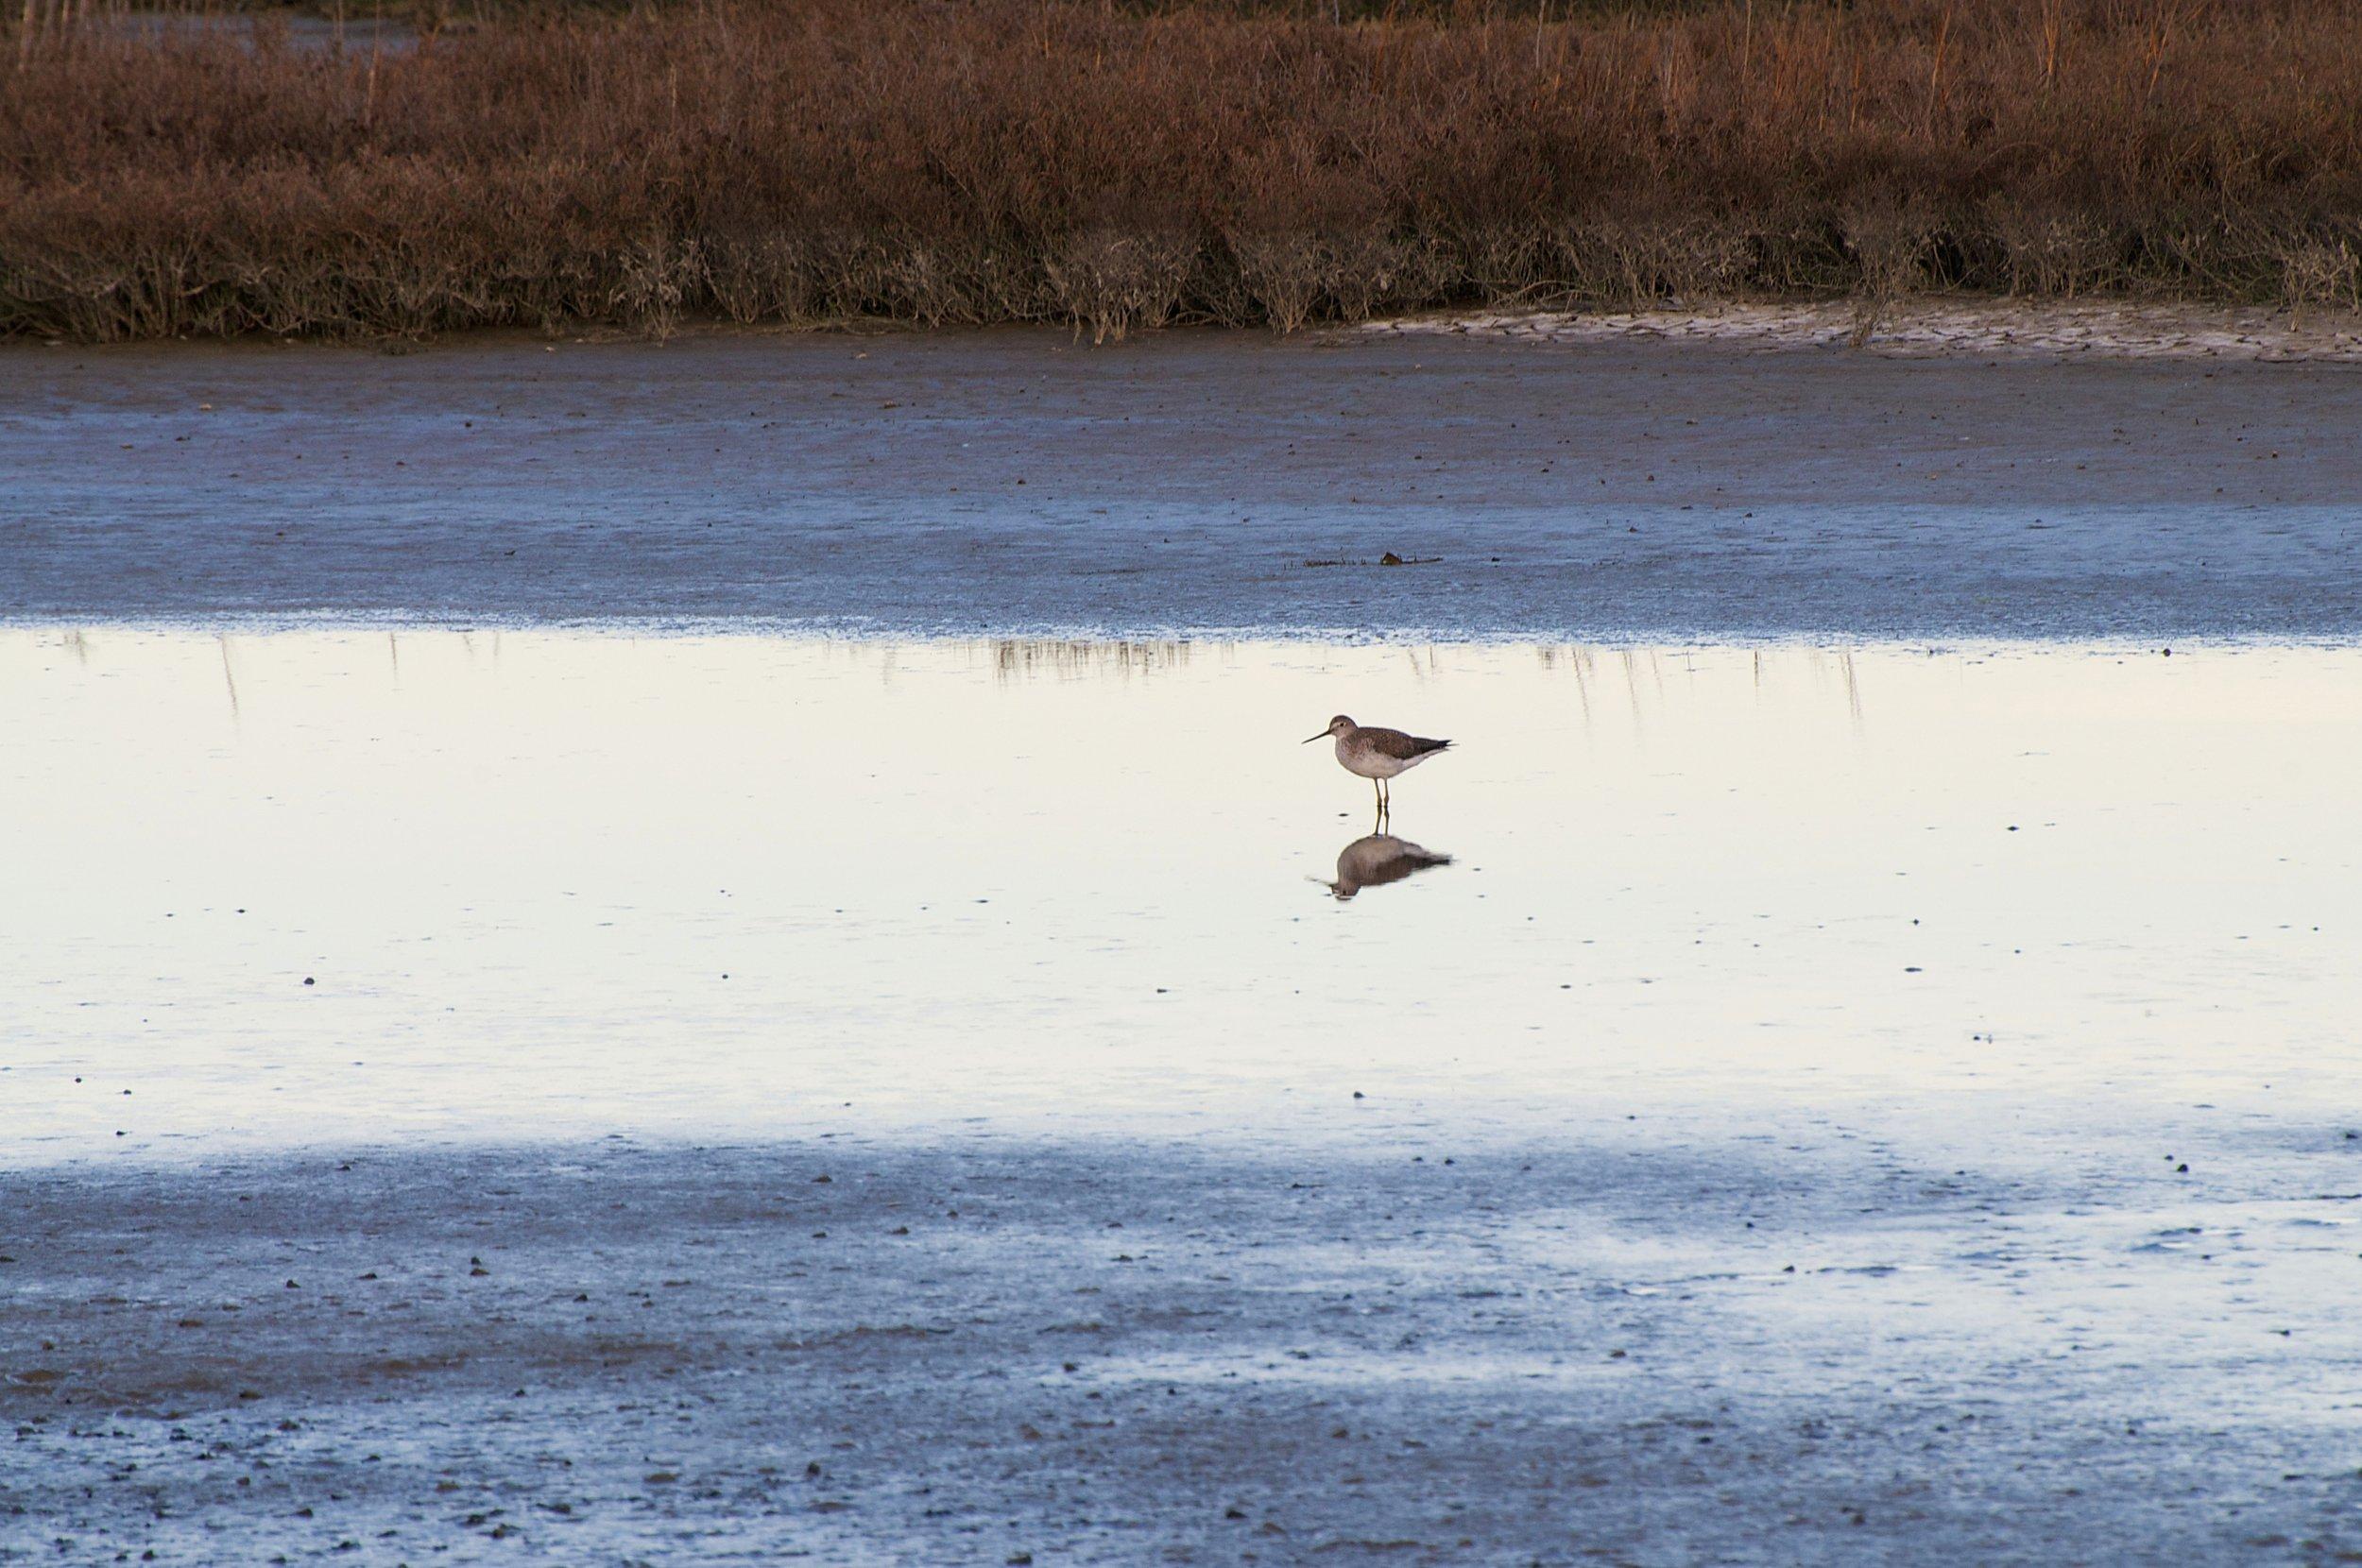 Afternoon Scenes - Don Edwards National Wildlife Refuge